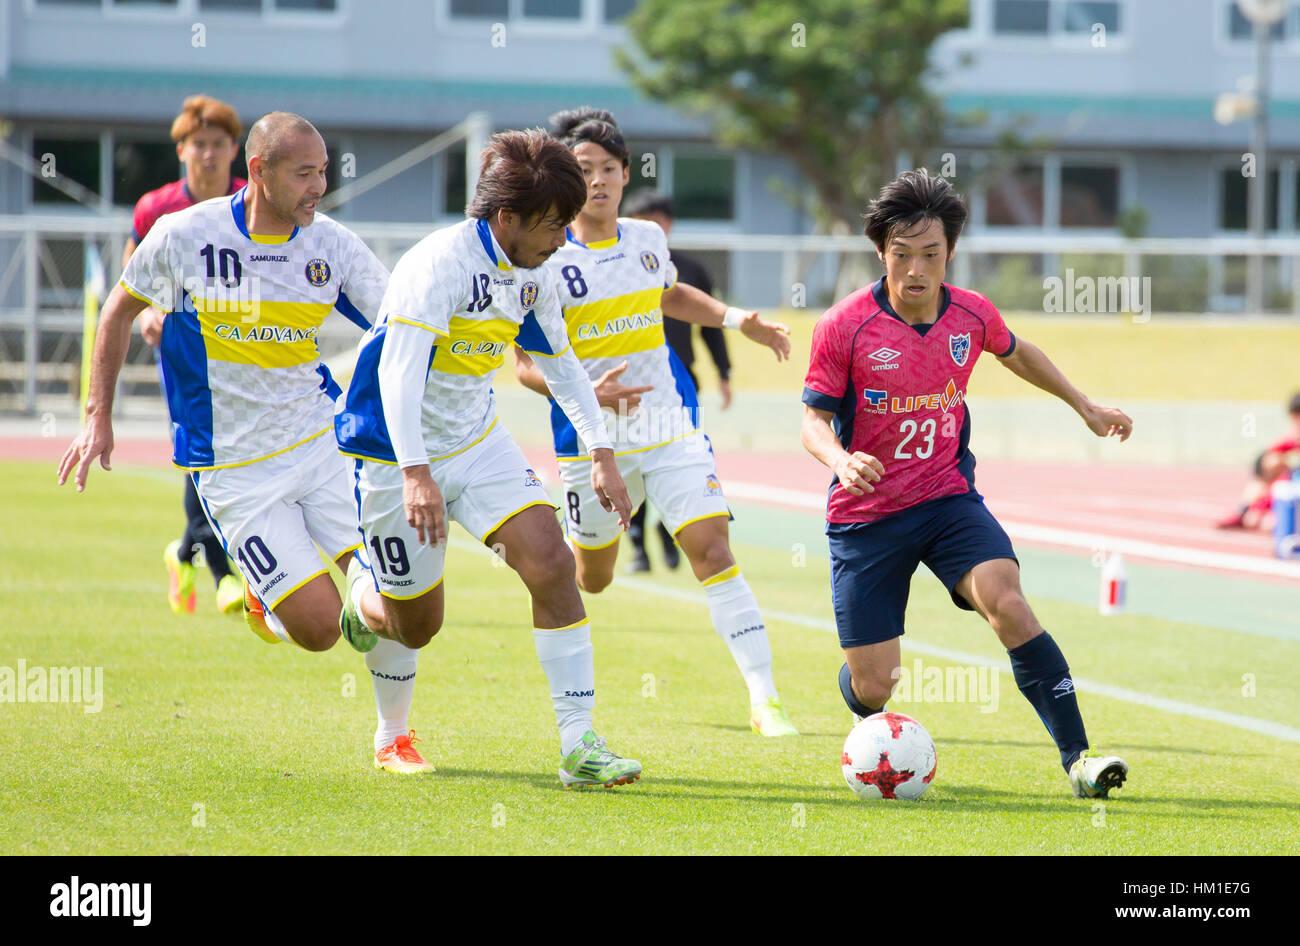 kunigami-okinawa-japon-28-ene-2017-r-l-shoya-nakajima-fc-tokyo-reiya-kinoshita-yusuke-mori-naohiro-takahara-okinawa-sv-enero-28-2017-futbol-soccer-formacion-partido-entre-el-fc-tokyo-y-okinawa-sv-en-kunigami-okinawa-japon-credito-wataru-kohayakawa-aflo-alamy-live-news-hm1e7g.jpg